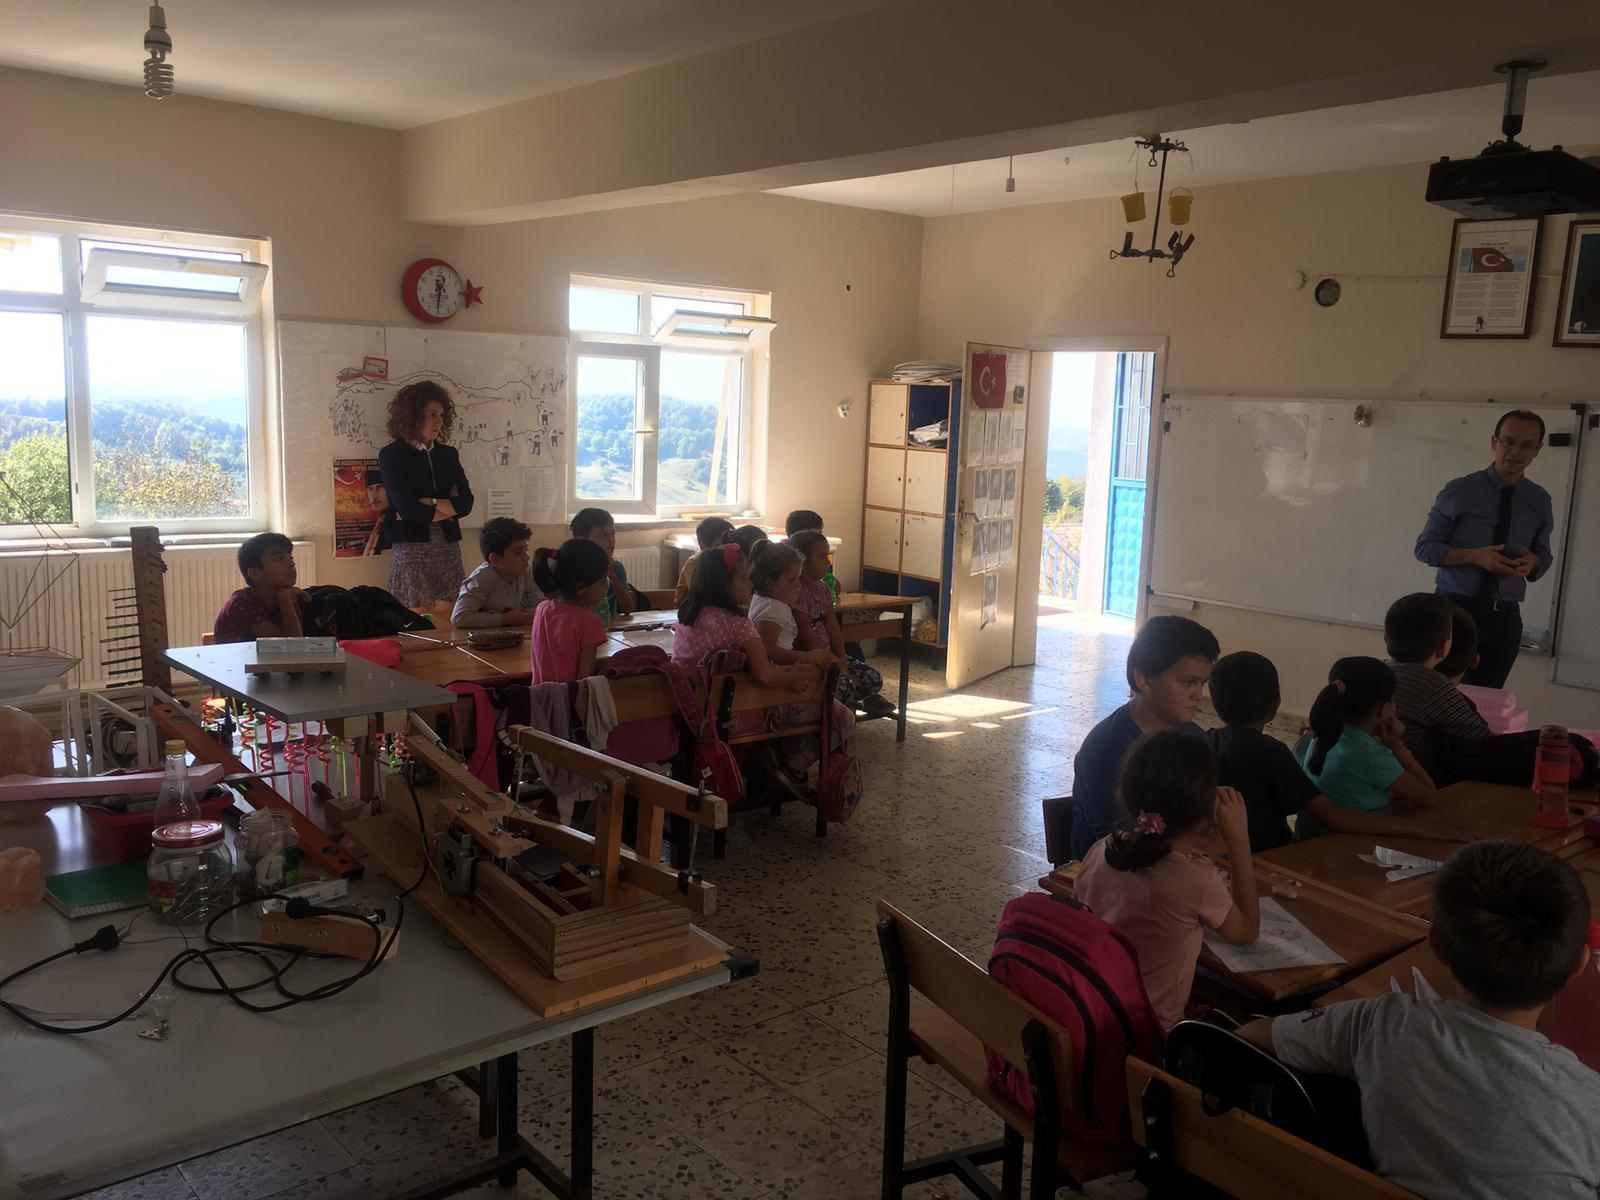 Saraydüzü İlkokulu'nda Sıfır Atık Konulu Eğitim Verildi